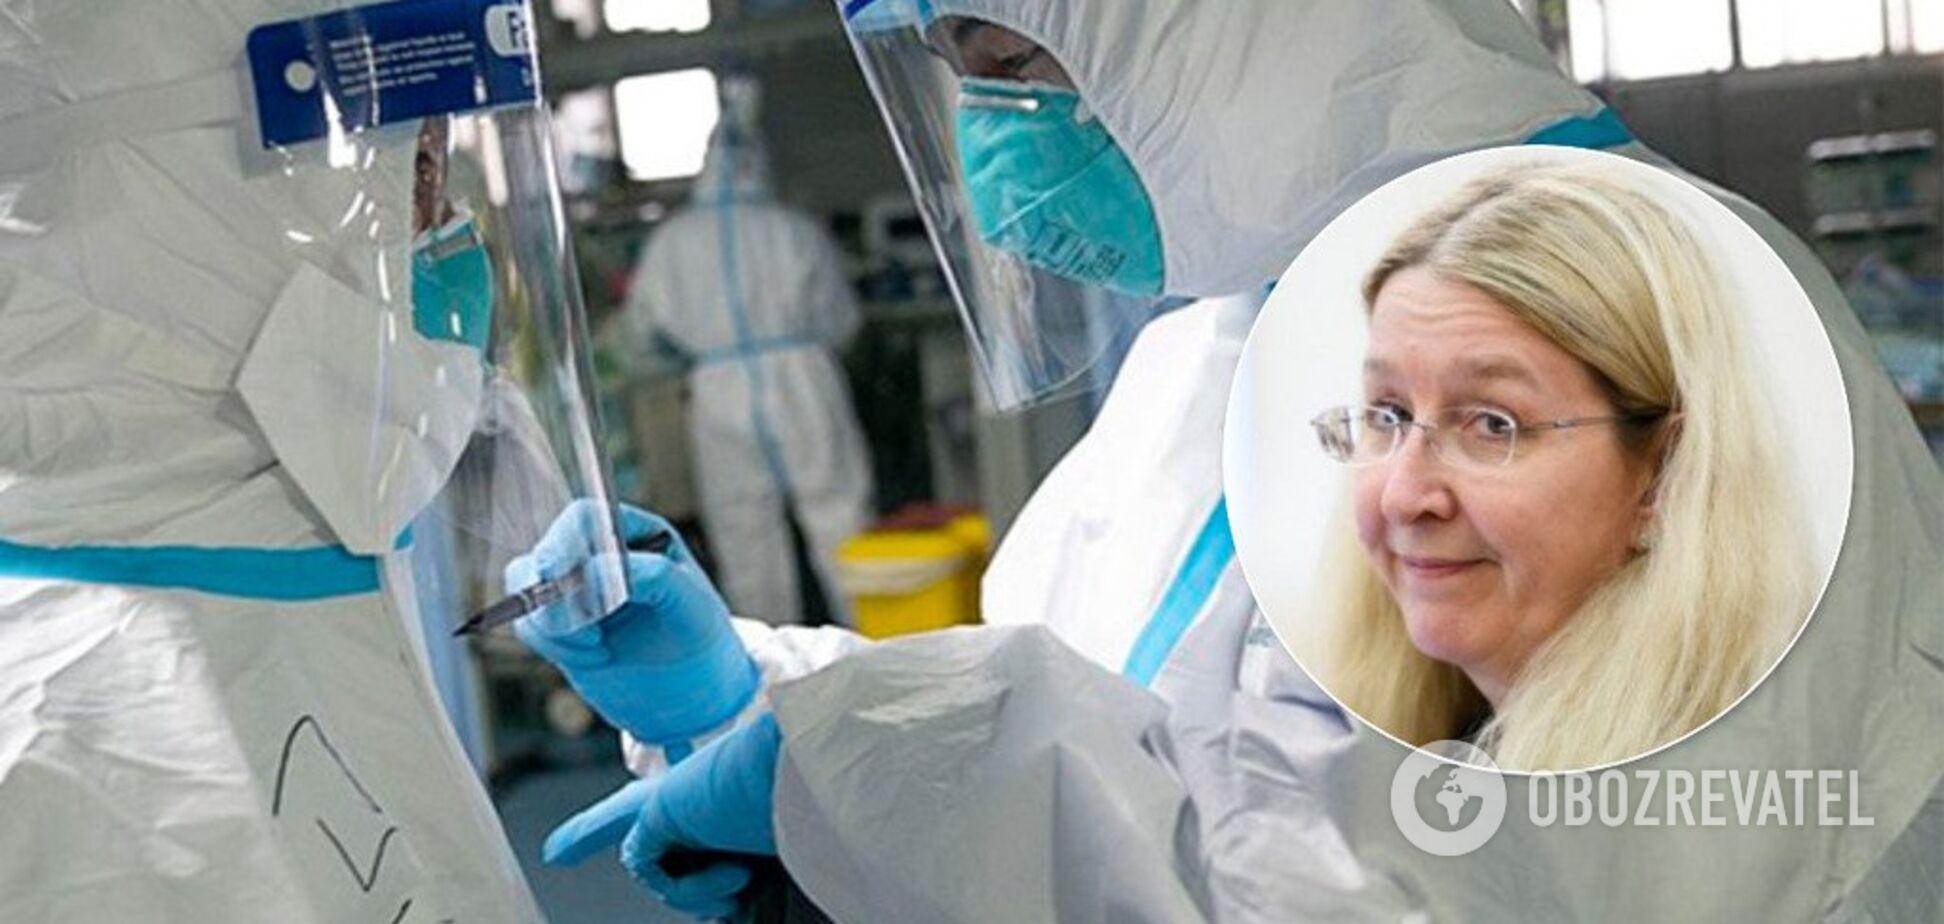 'Маски не помогут!' Супрун развенчала мифы о страшном коронавирусе из Китая